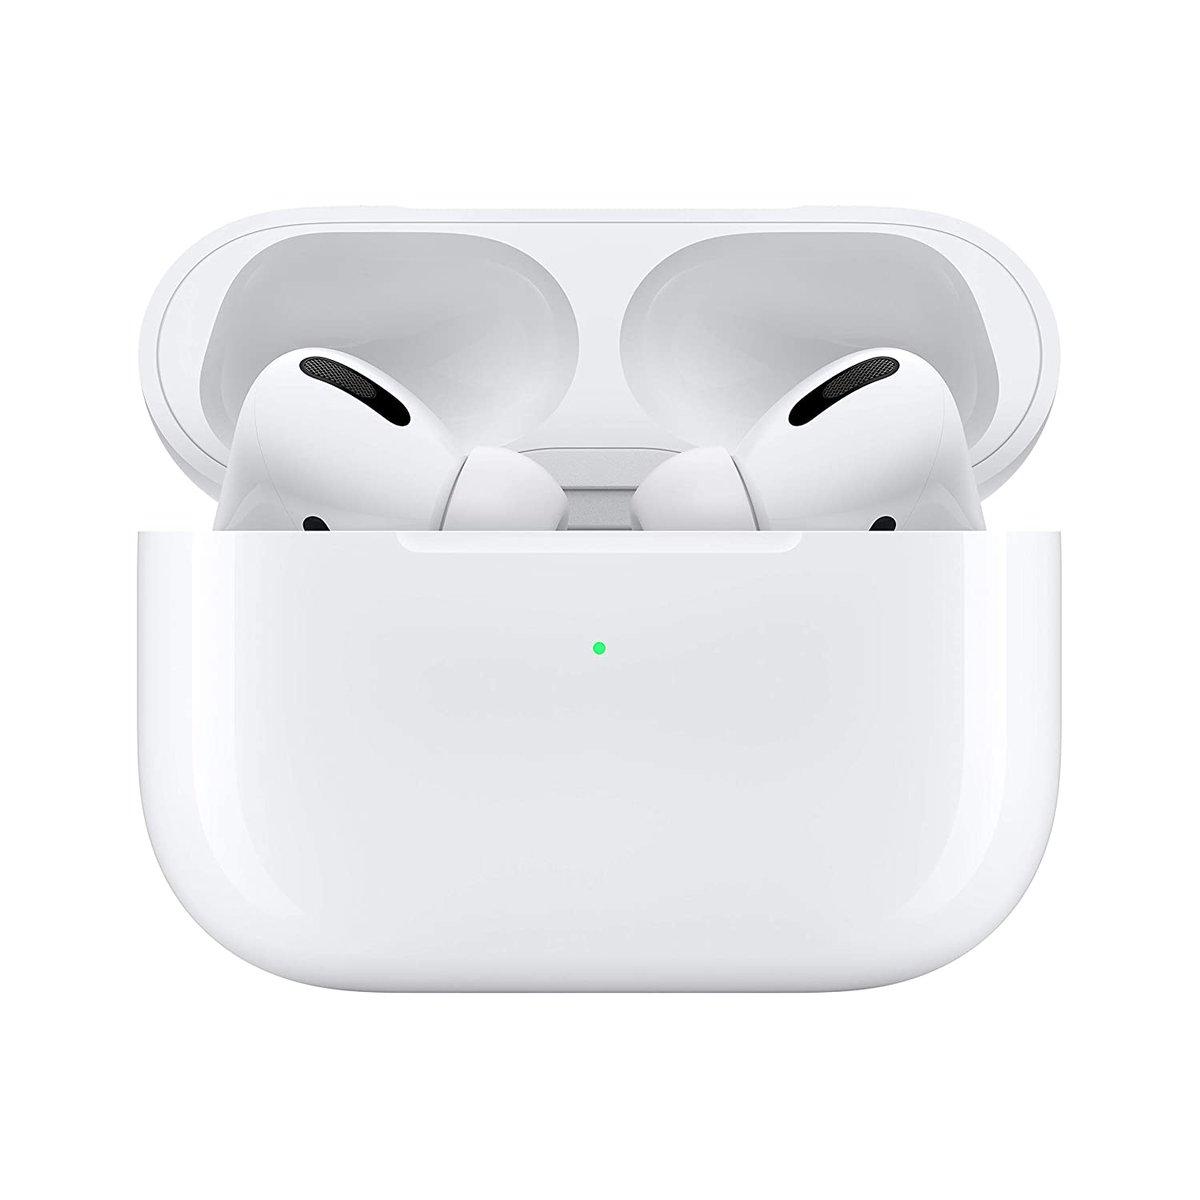 RT @BwcDeals: Apple AirPods Pro  https://t.co/X6OP2PLgxI  #Apple #AirpodsPro #Airpods #Headphones #BwcDeals https://t.co/9mBklkj7Vp